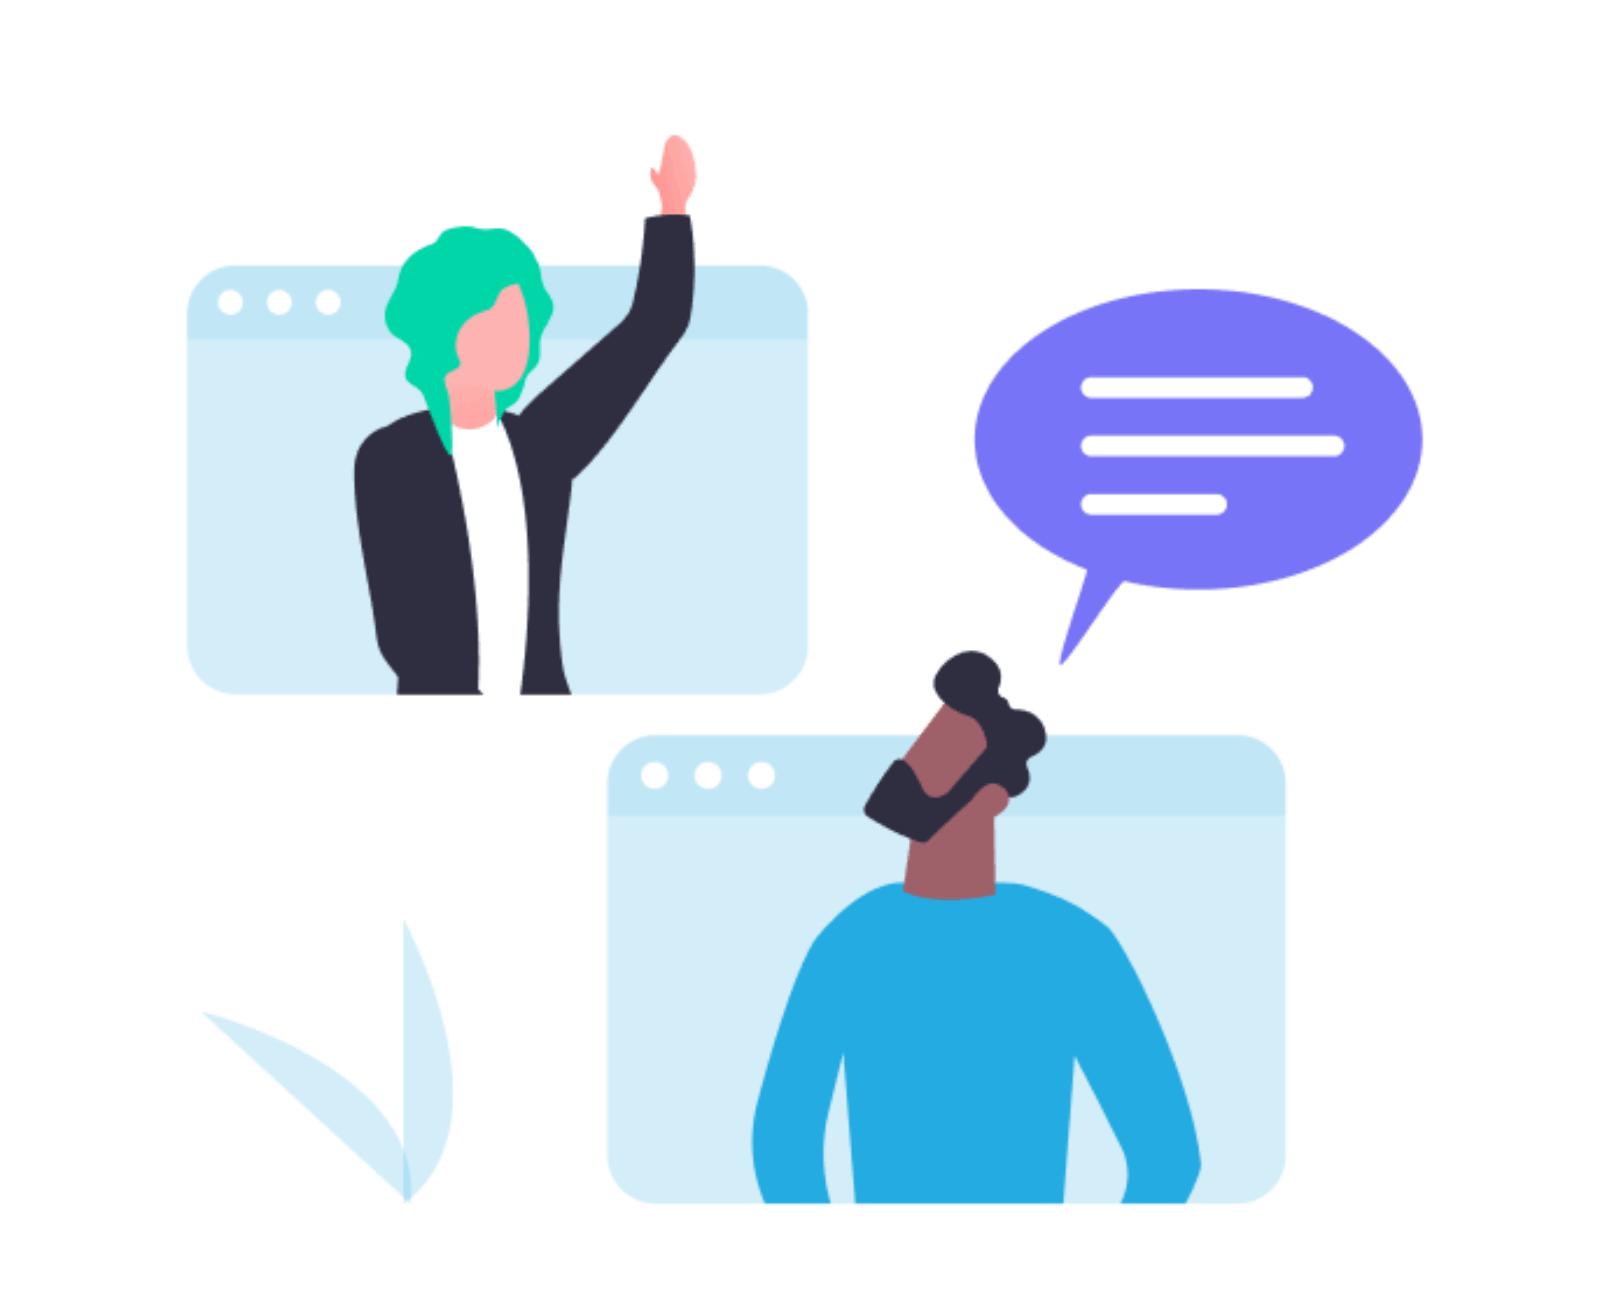 Interpersonal speaking